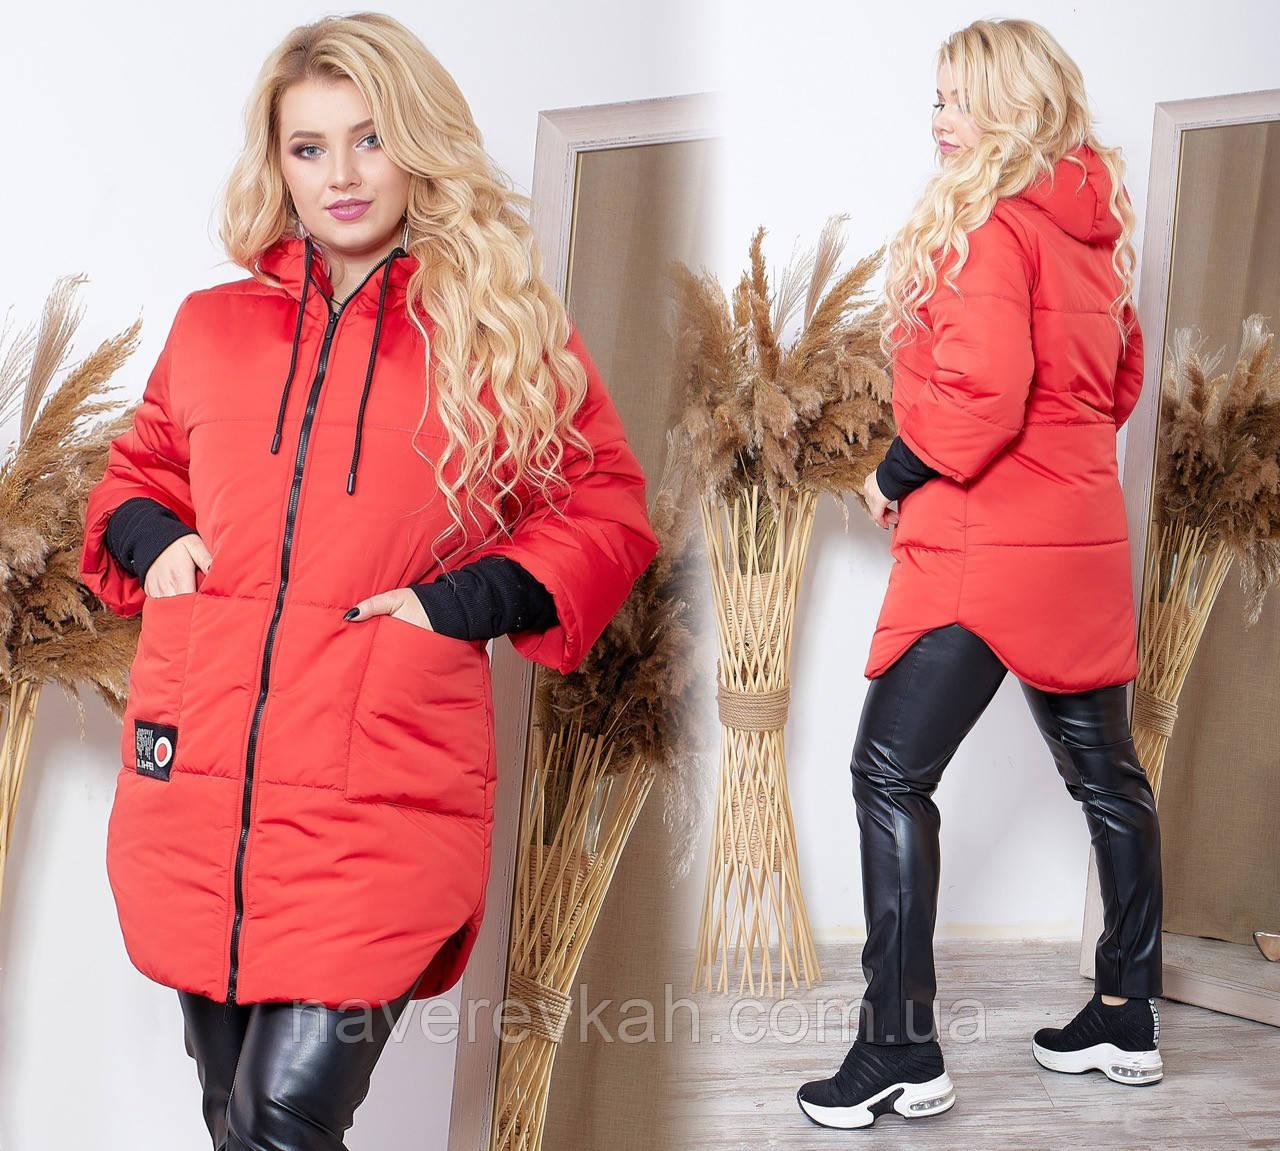 Женская зимняя теплая куртка плащевка на синтепоне баклажан чёрный красный голубой 48-50 52-54 56-58 60-62